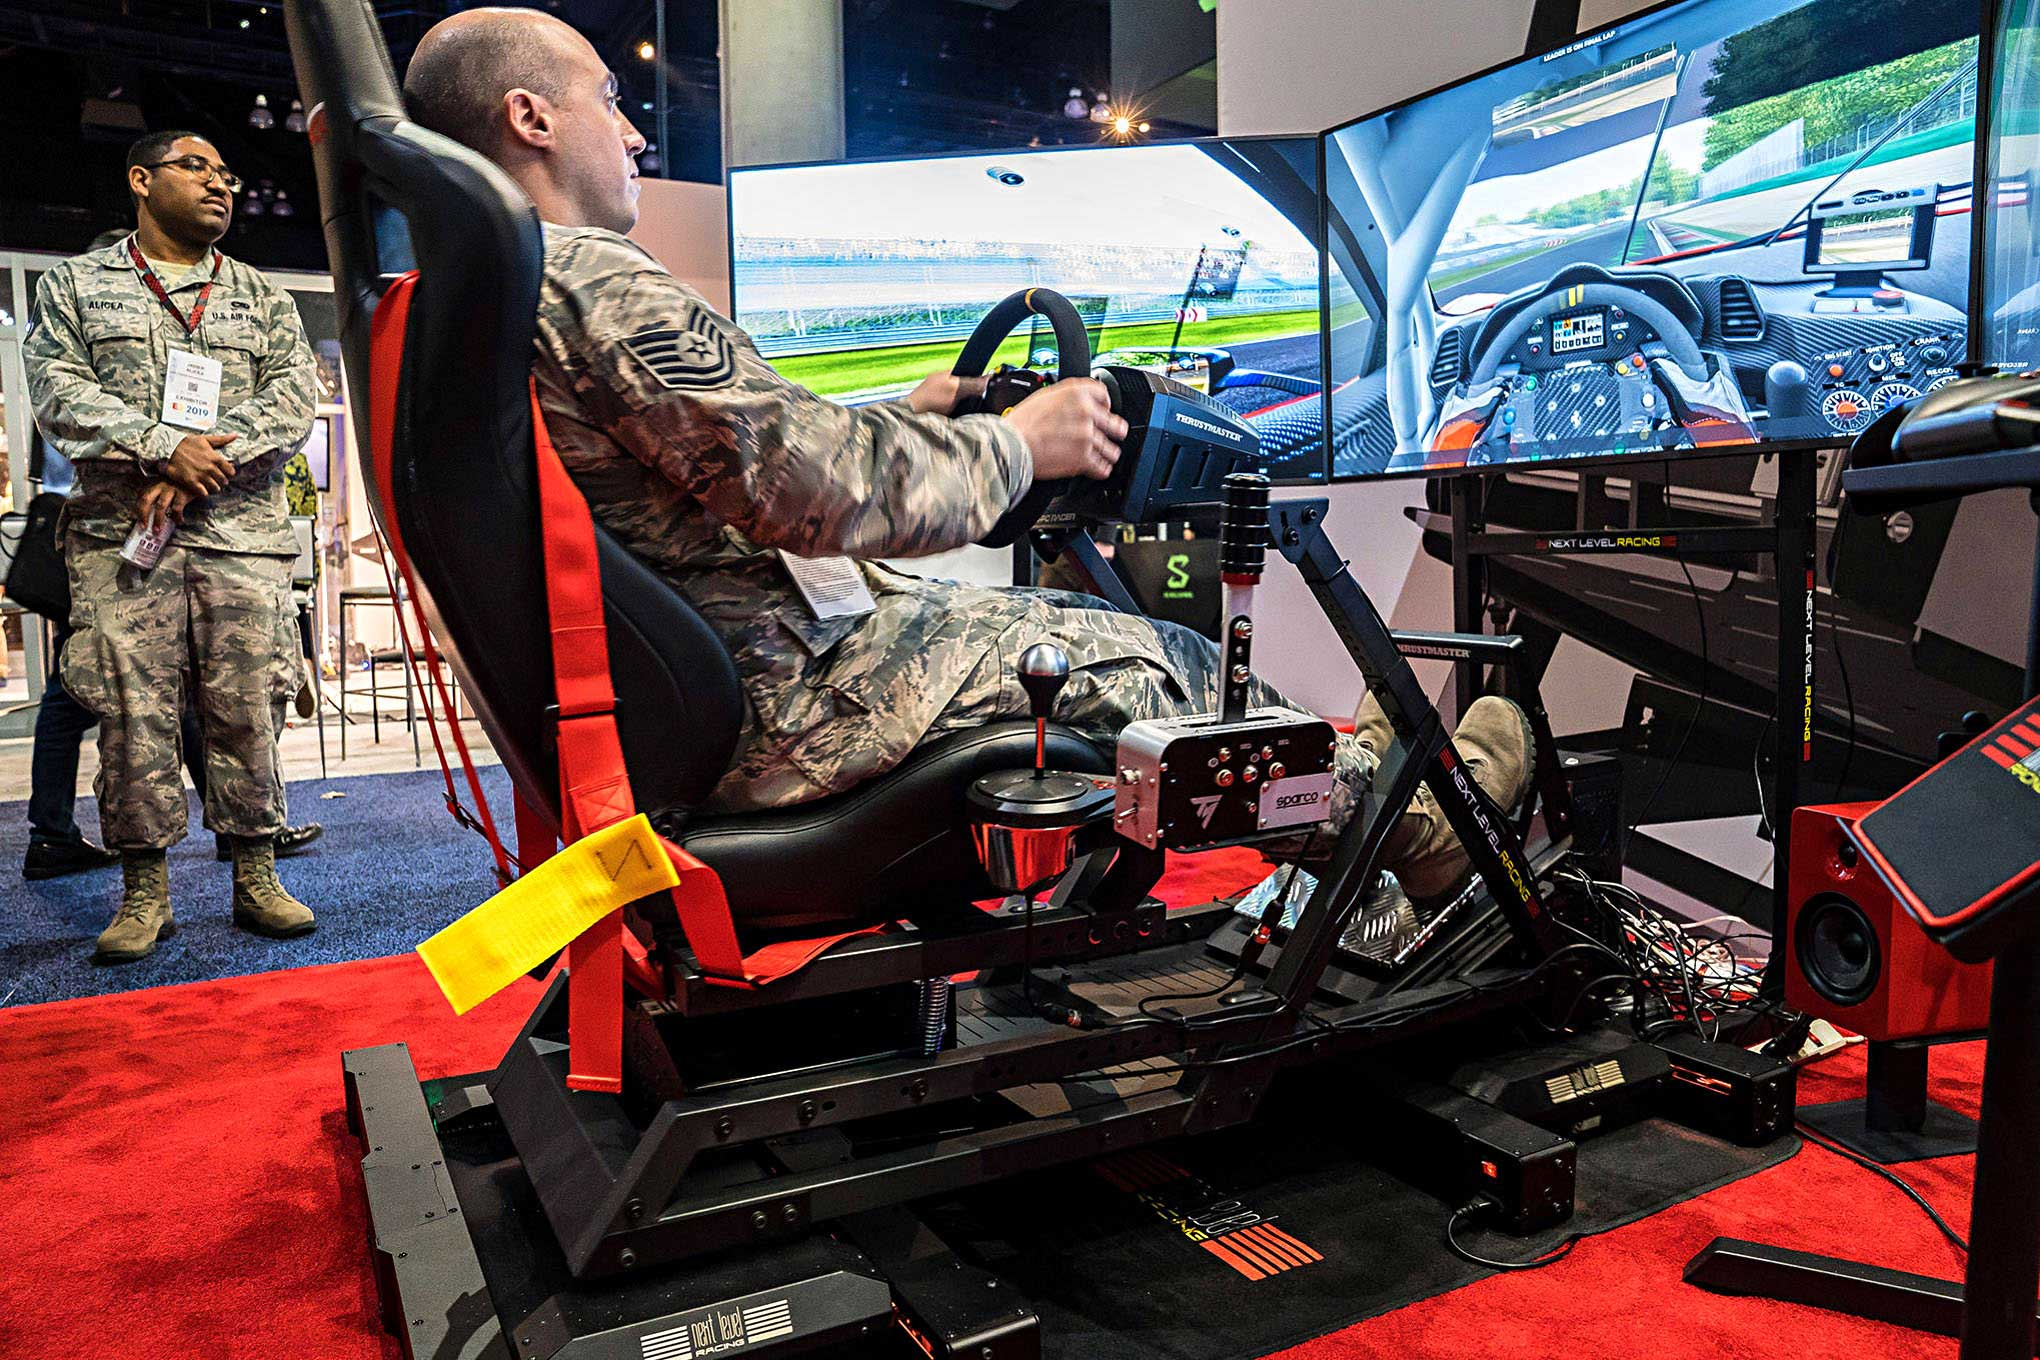 20k Racing Simulator Breakdown